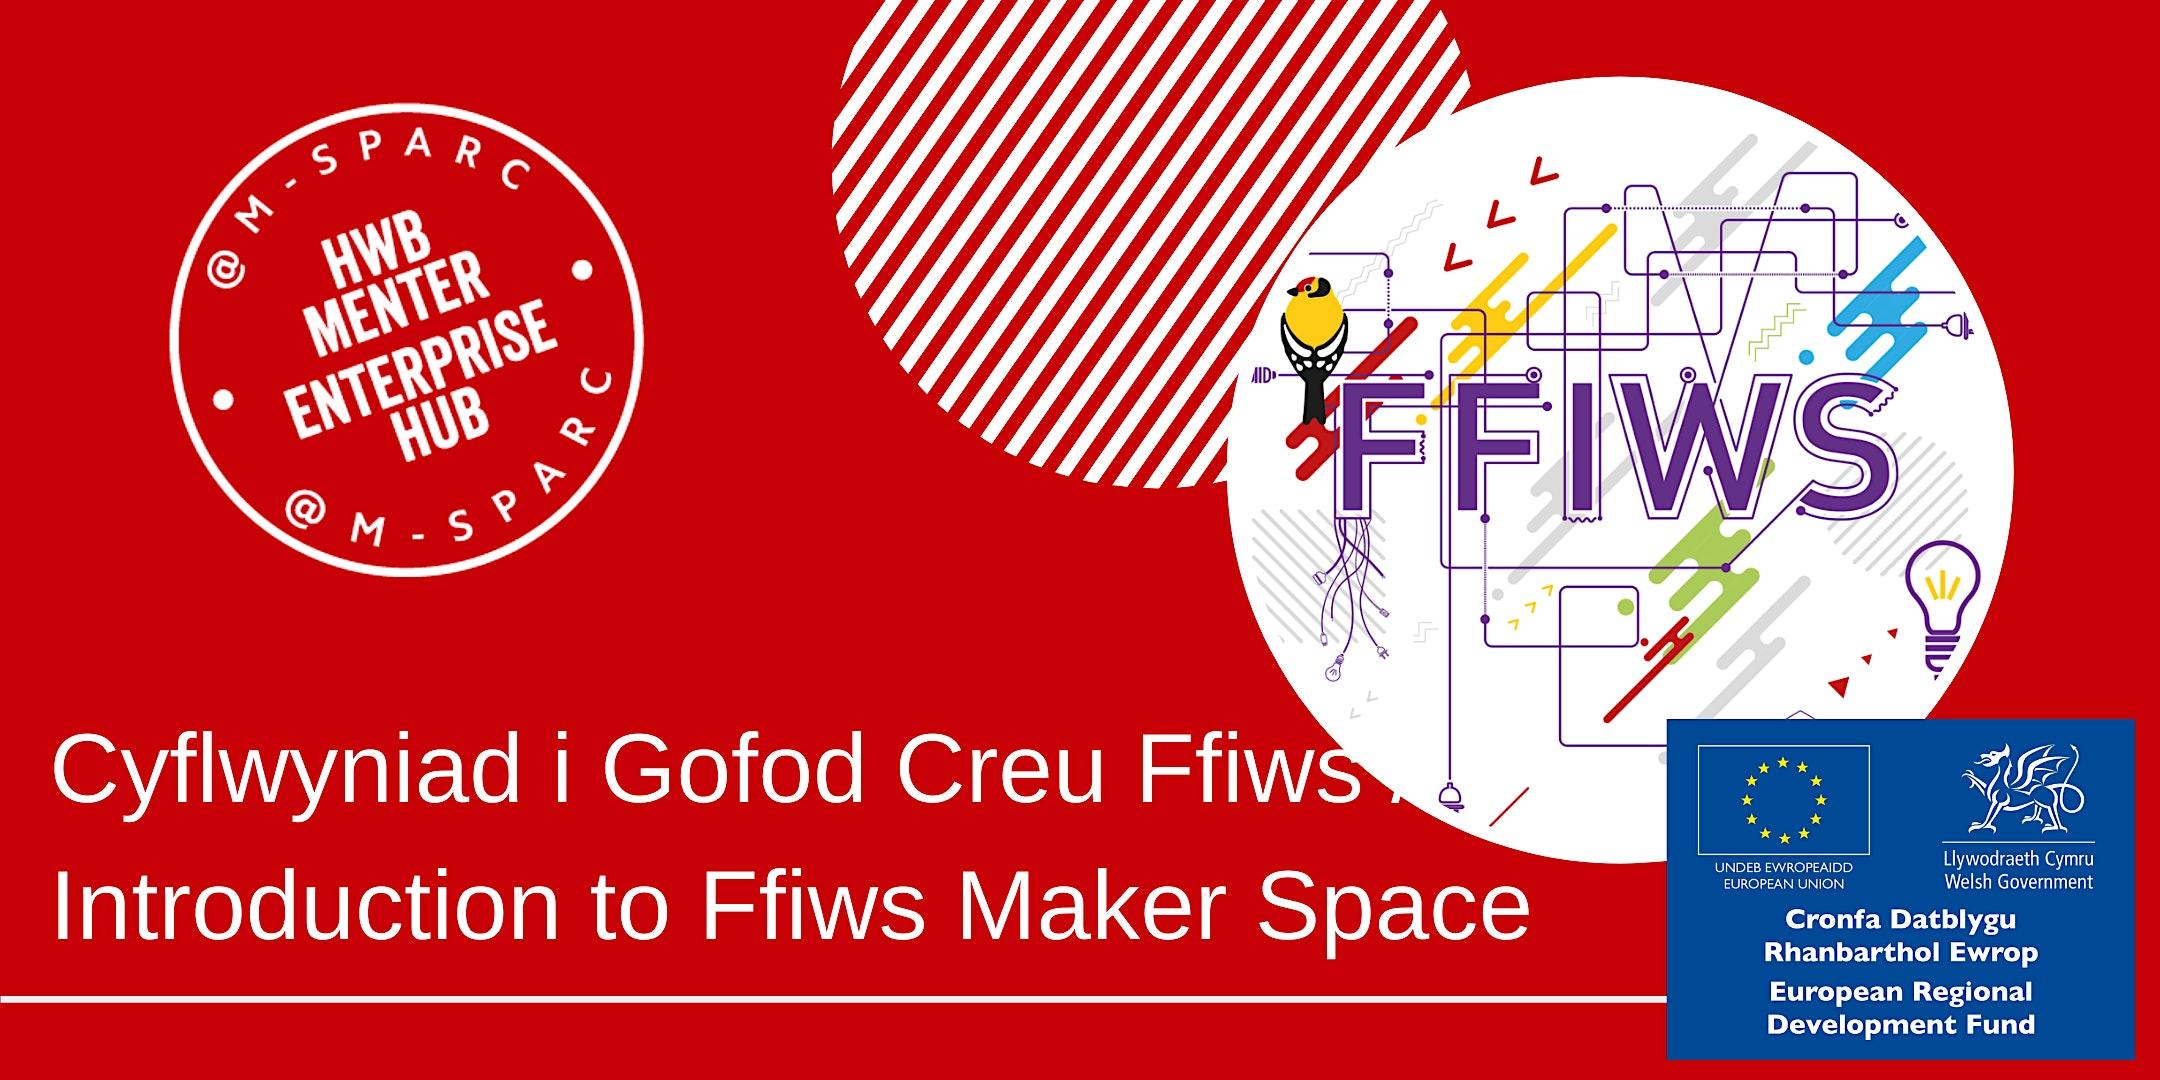 Cyflwyniad i Gofod  Creu M-SParc/Introduction to  M-SParc Maker Space Ffiws